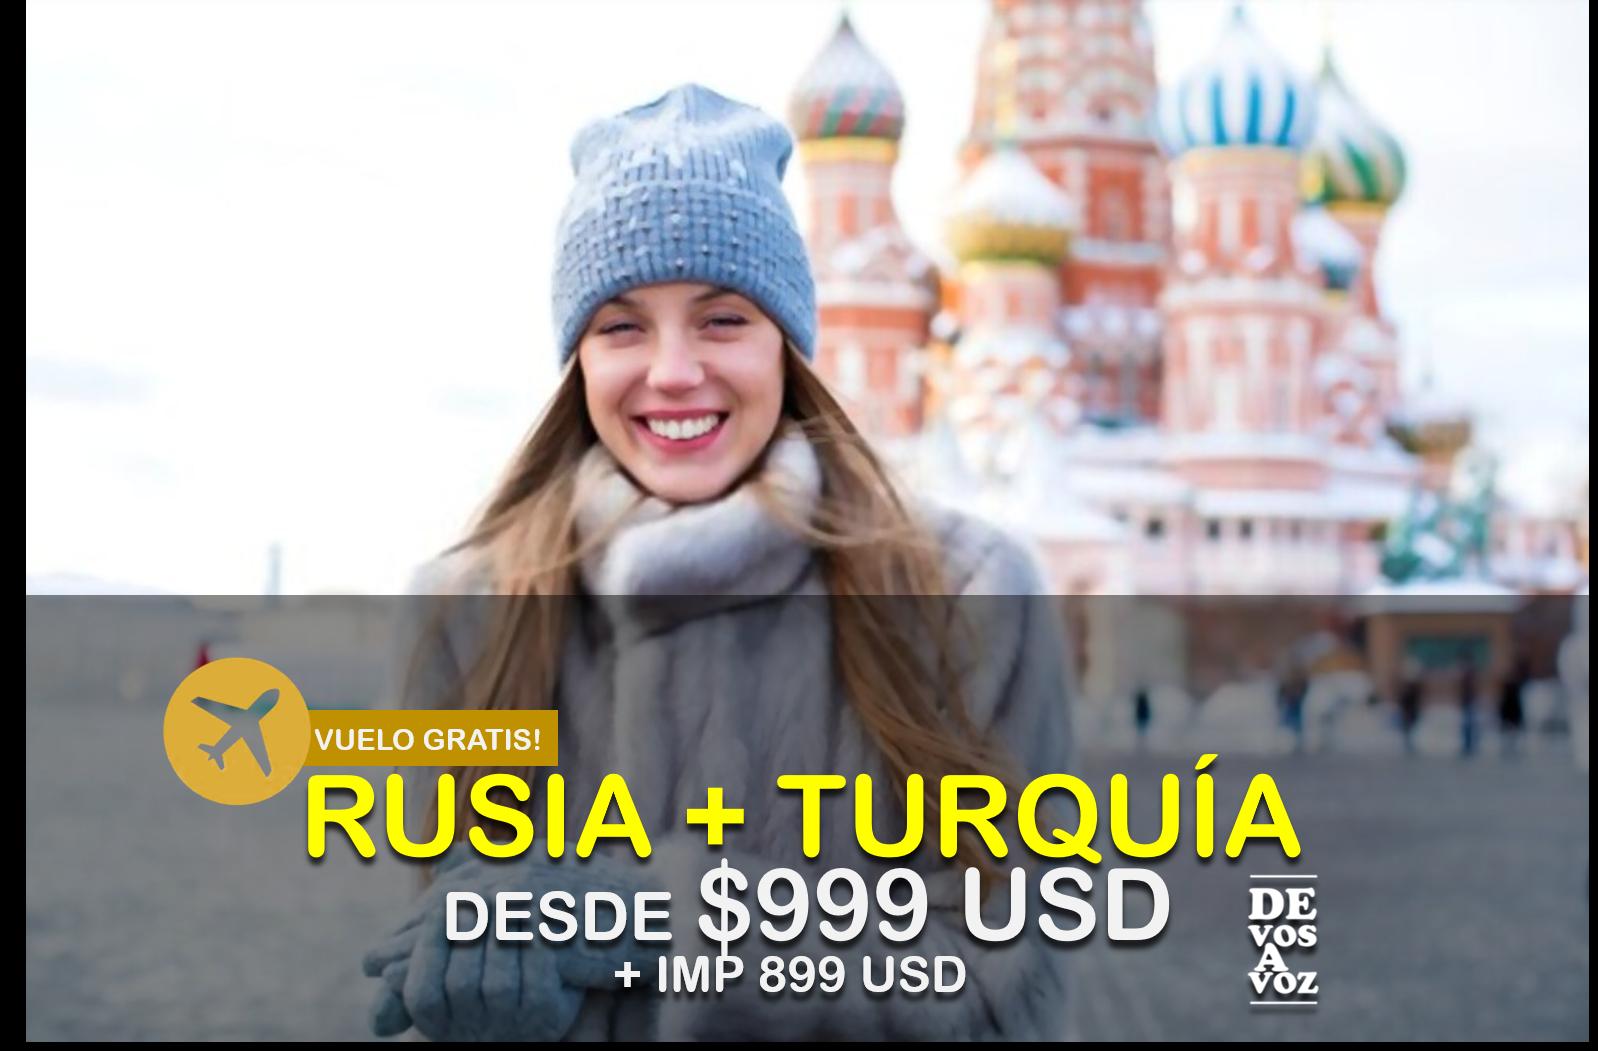 RUSIA + TURQUÍA